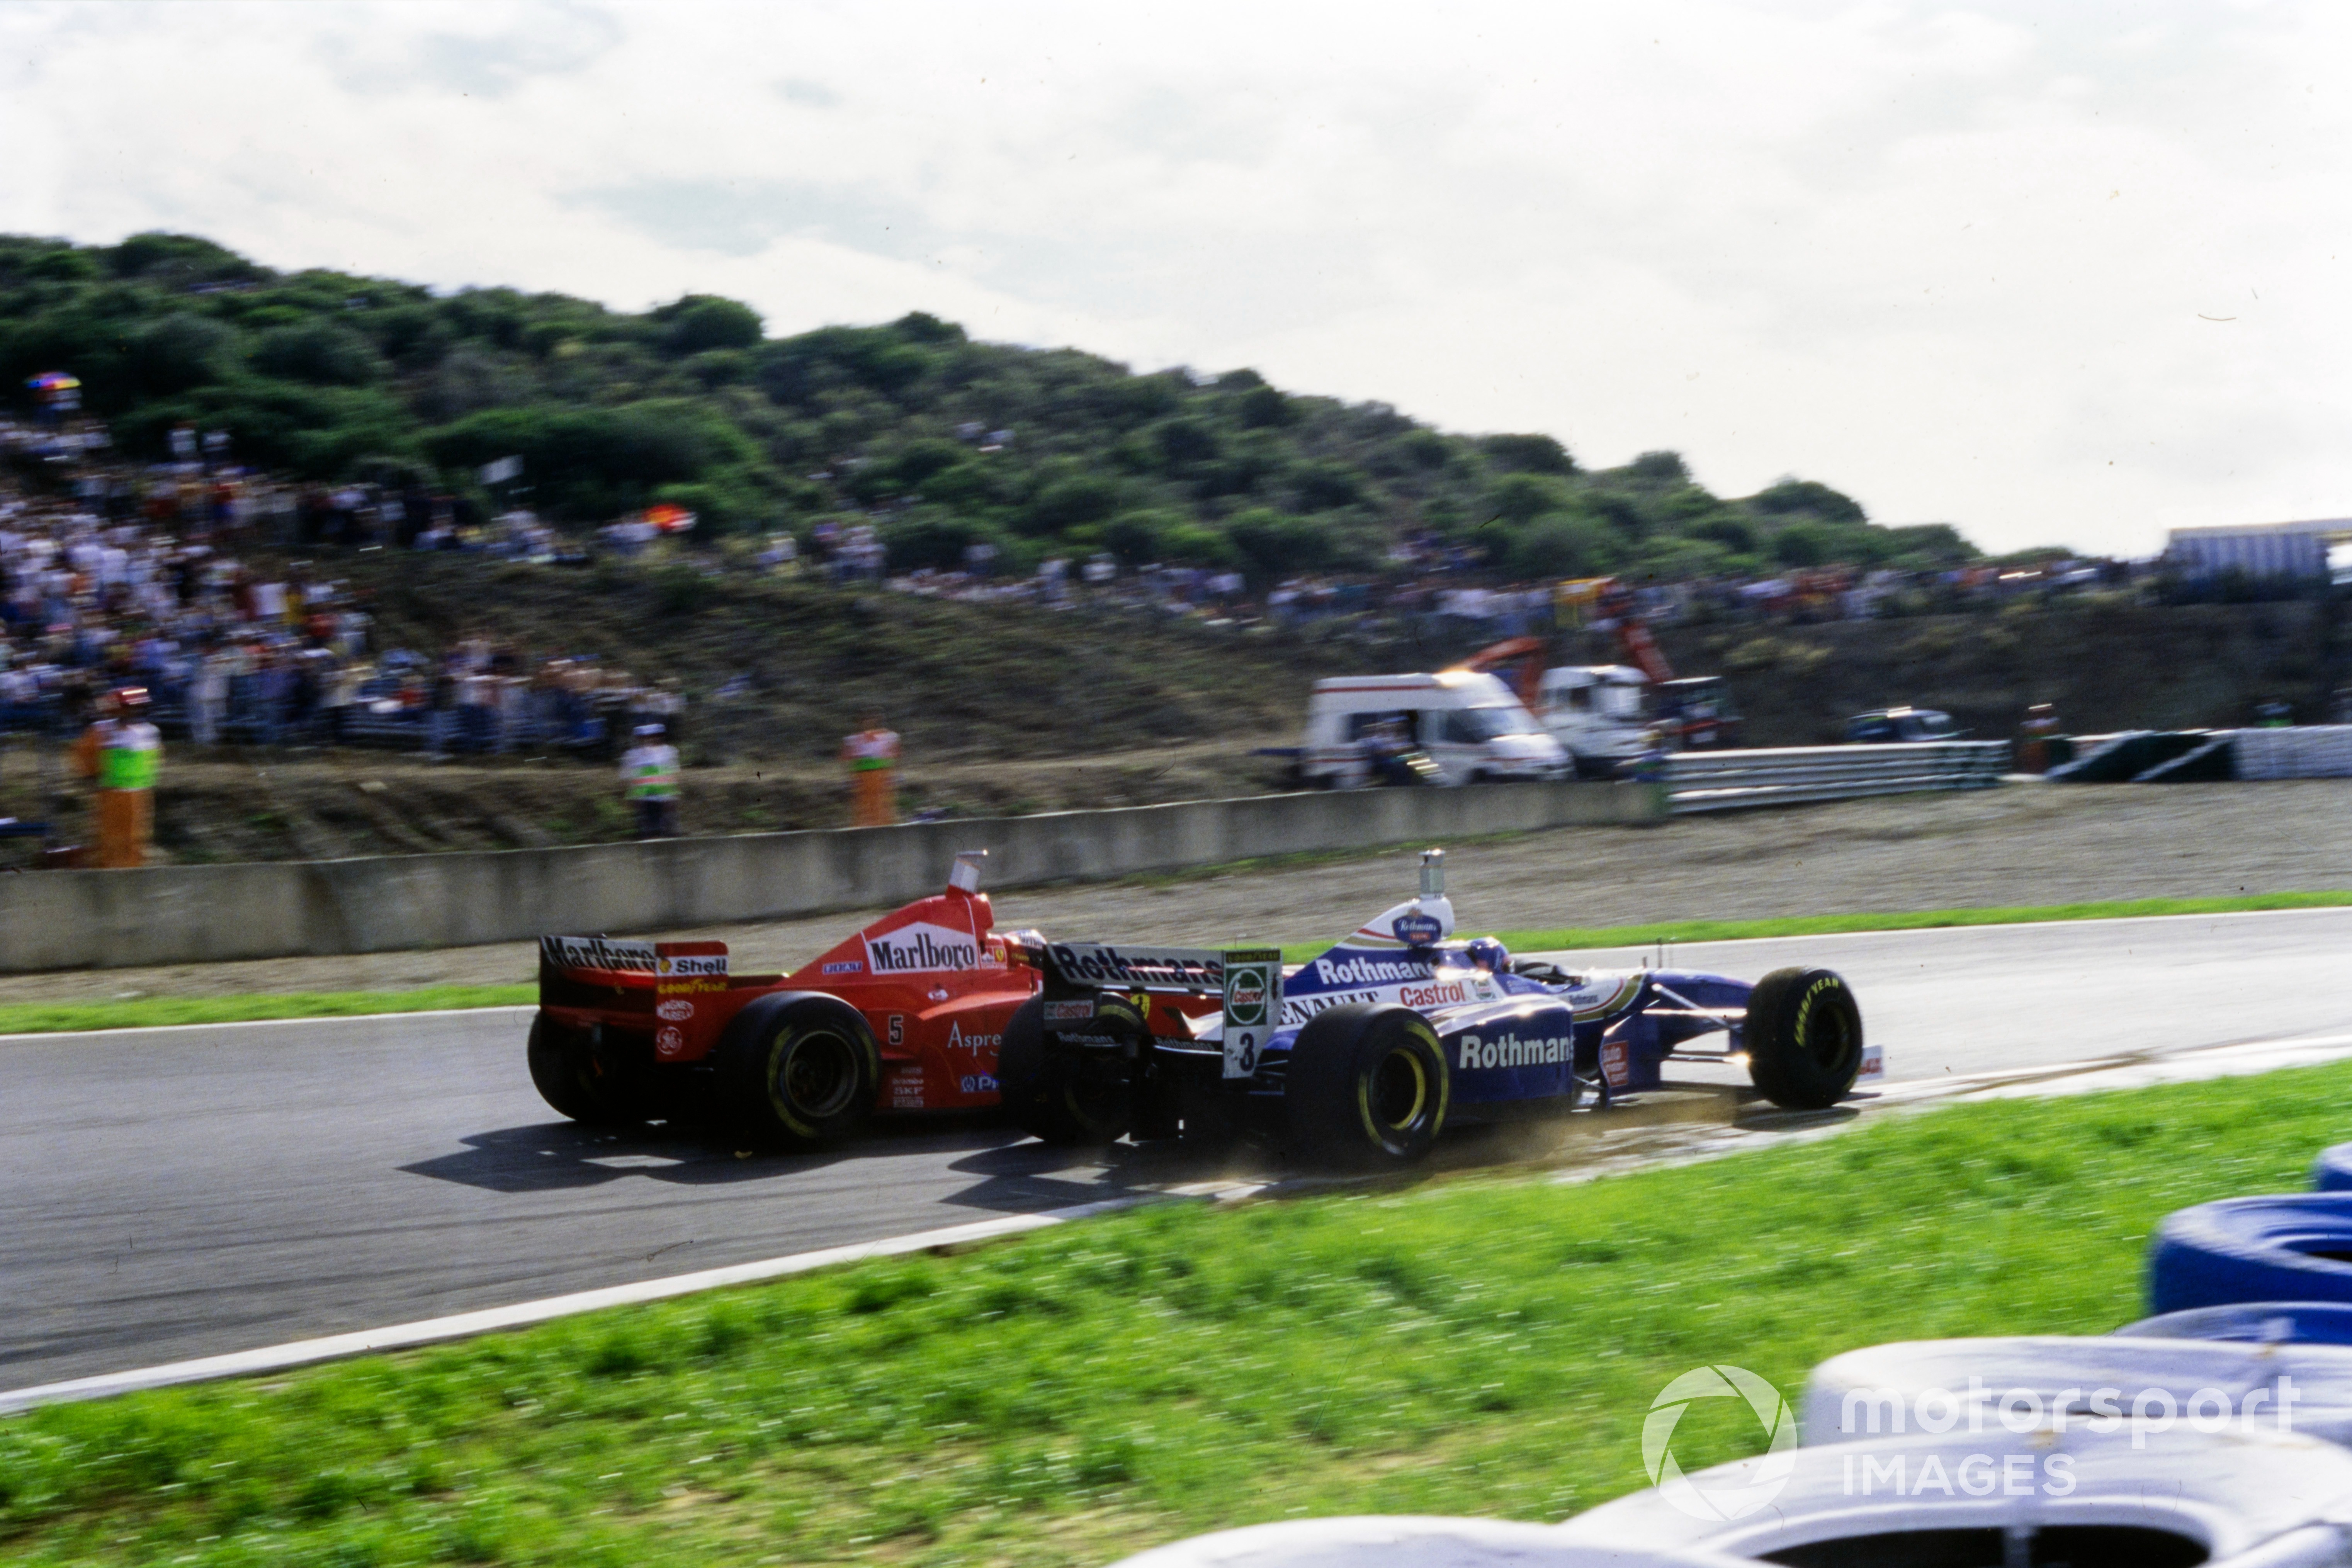 El choque controversial entre Michael Schumacher y Jacques Villeneuve.